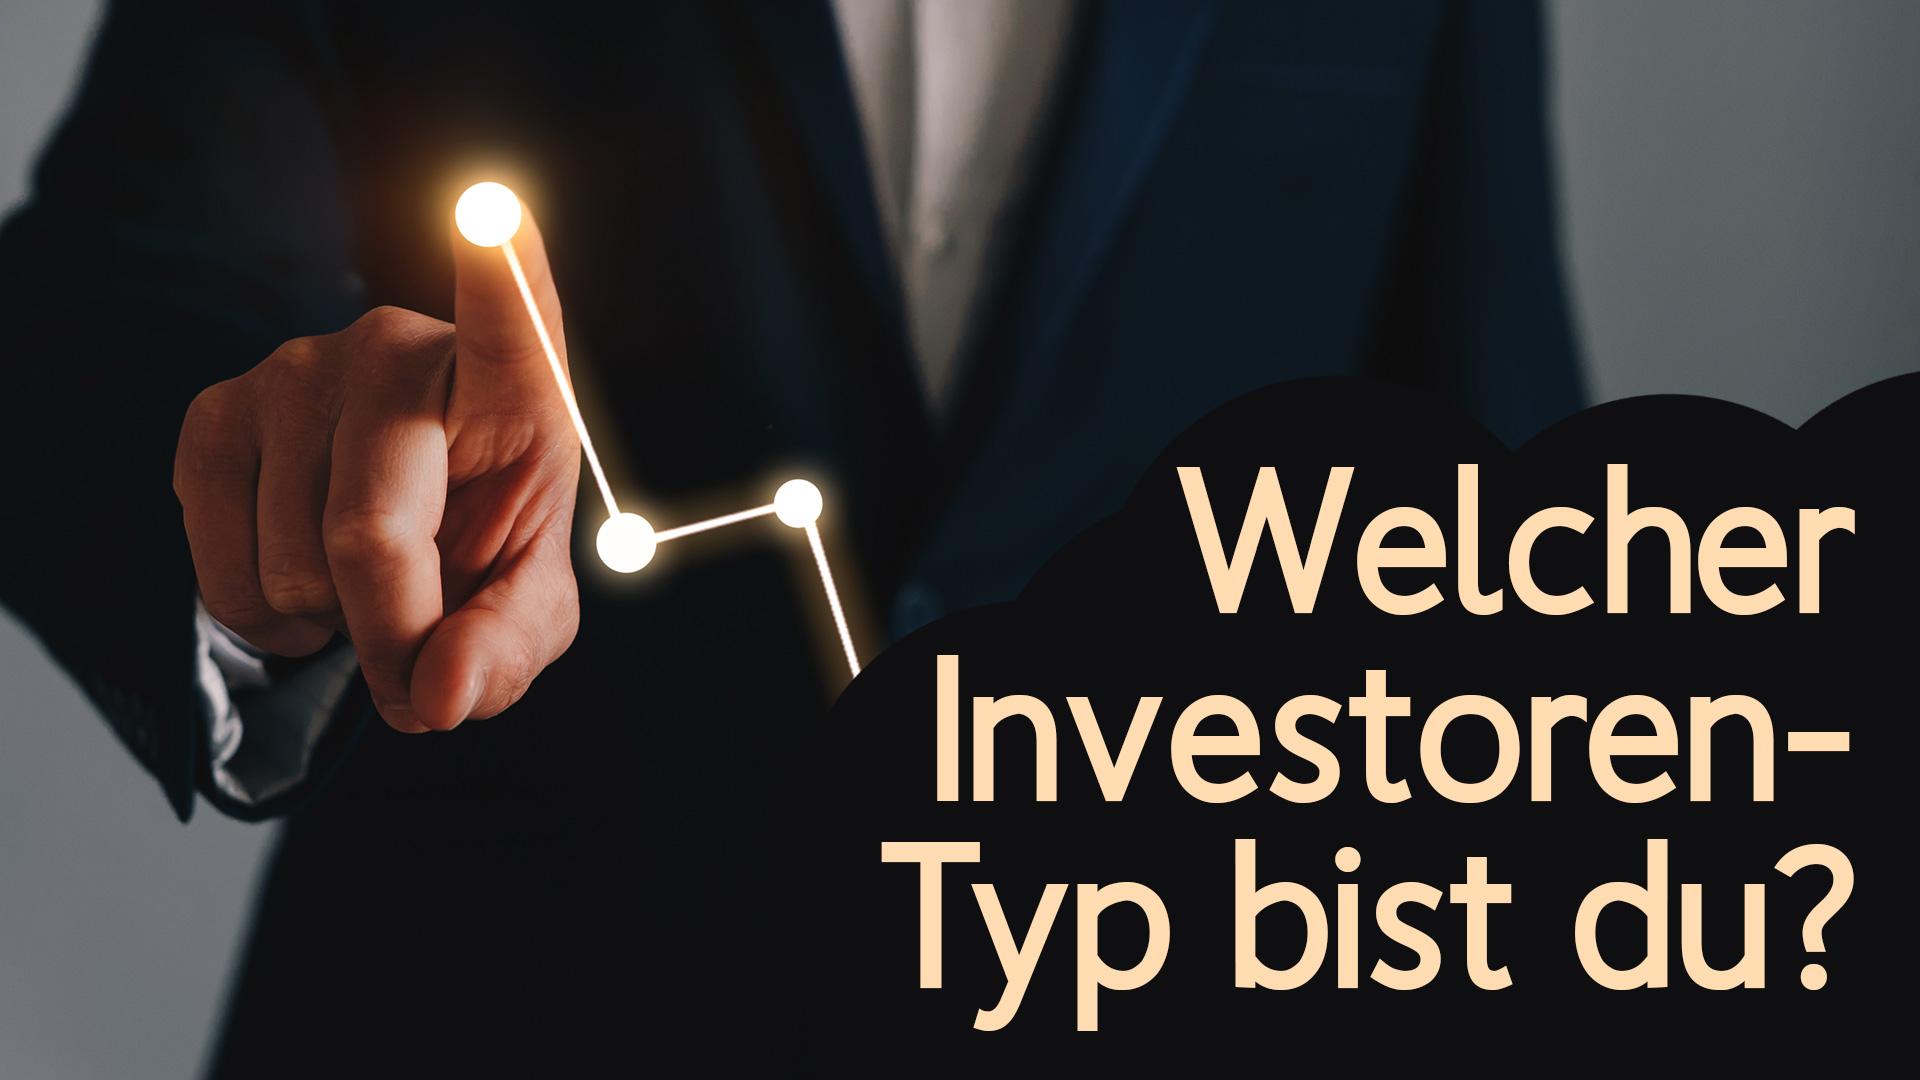 Welcher Investoren-Typ bist du?